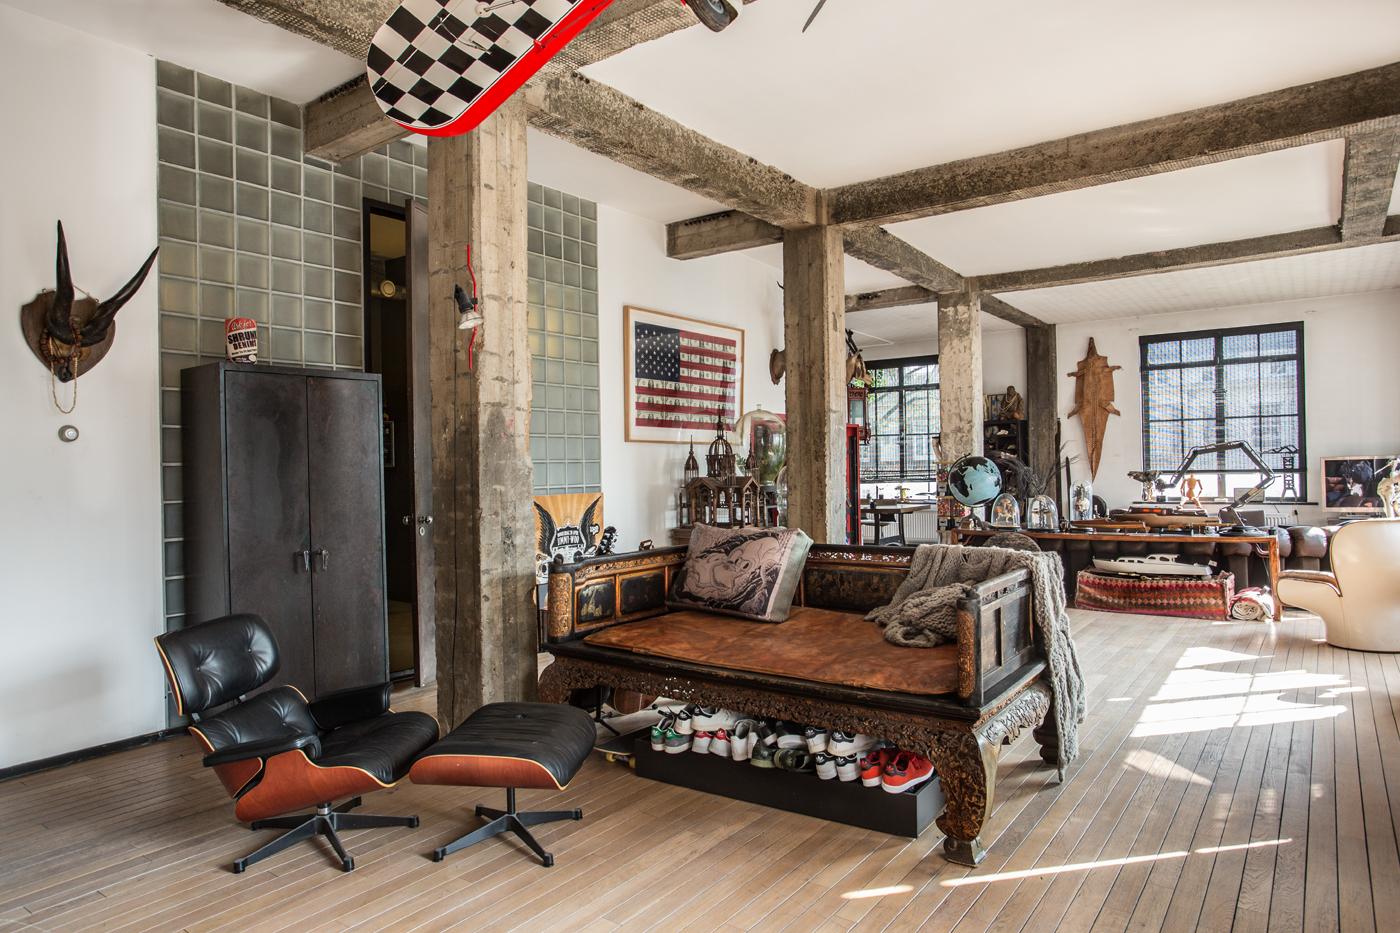 houtlook huis, Amerikaanse style. ruime woonruimte met houten balken